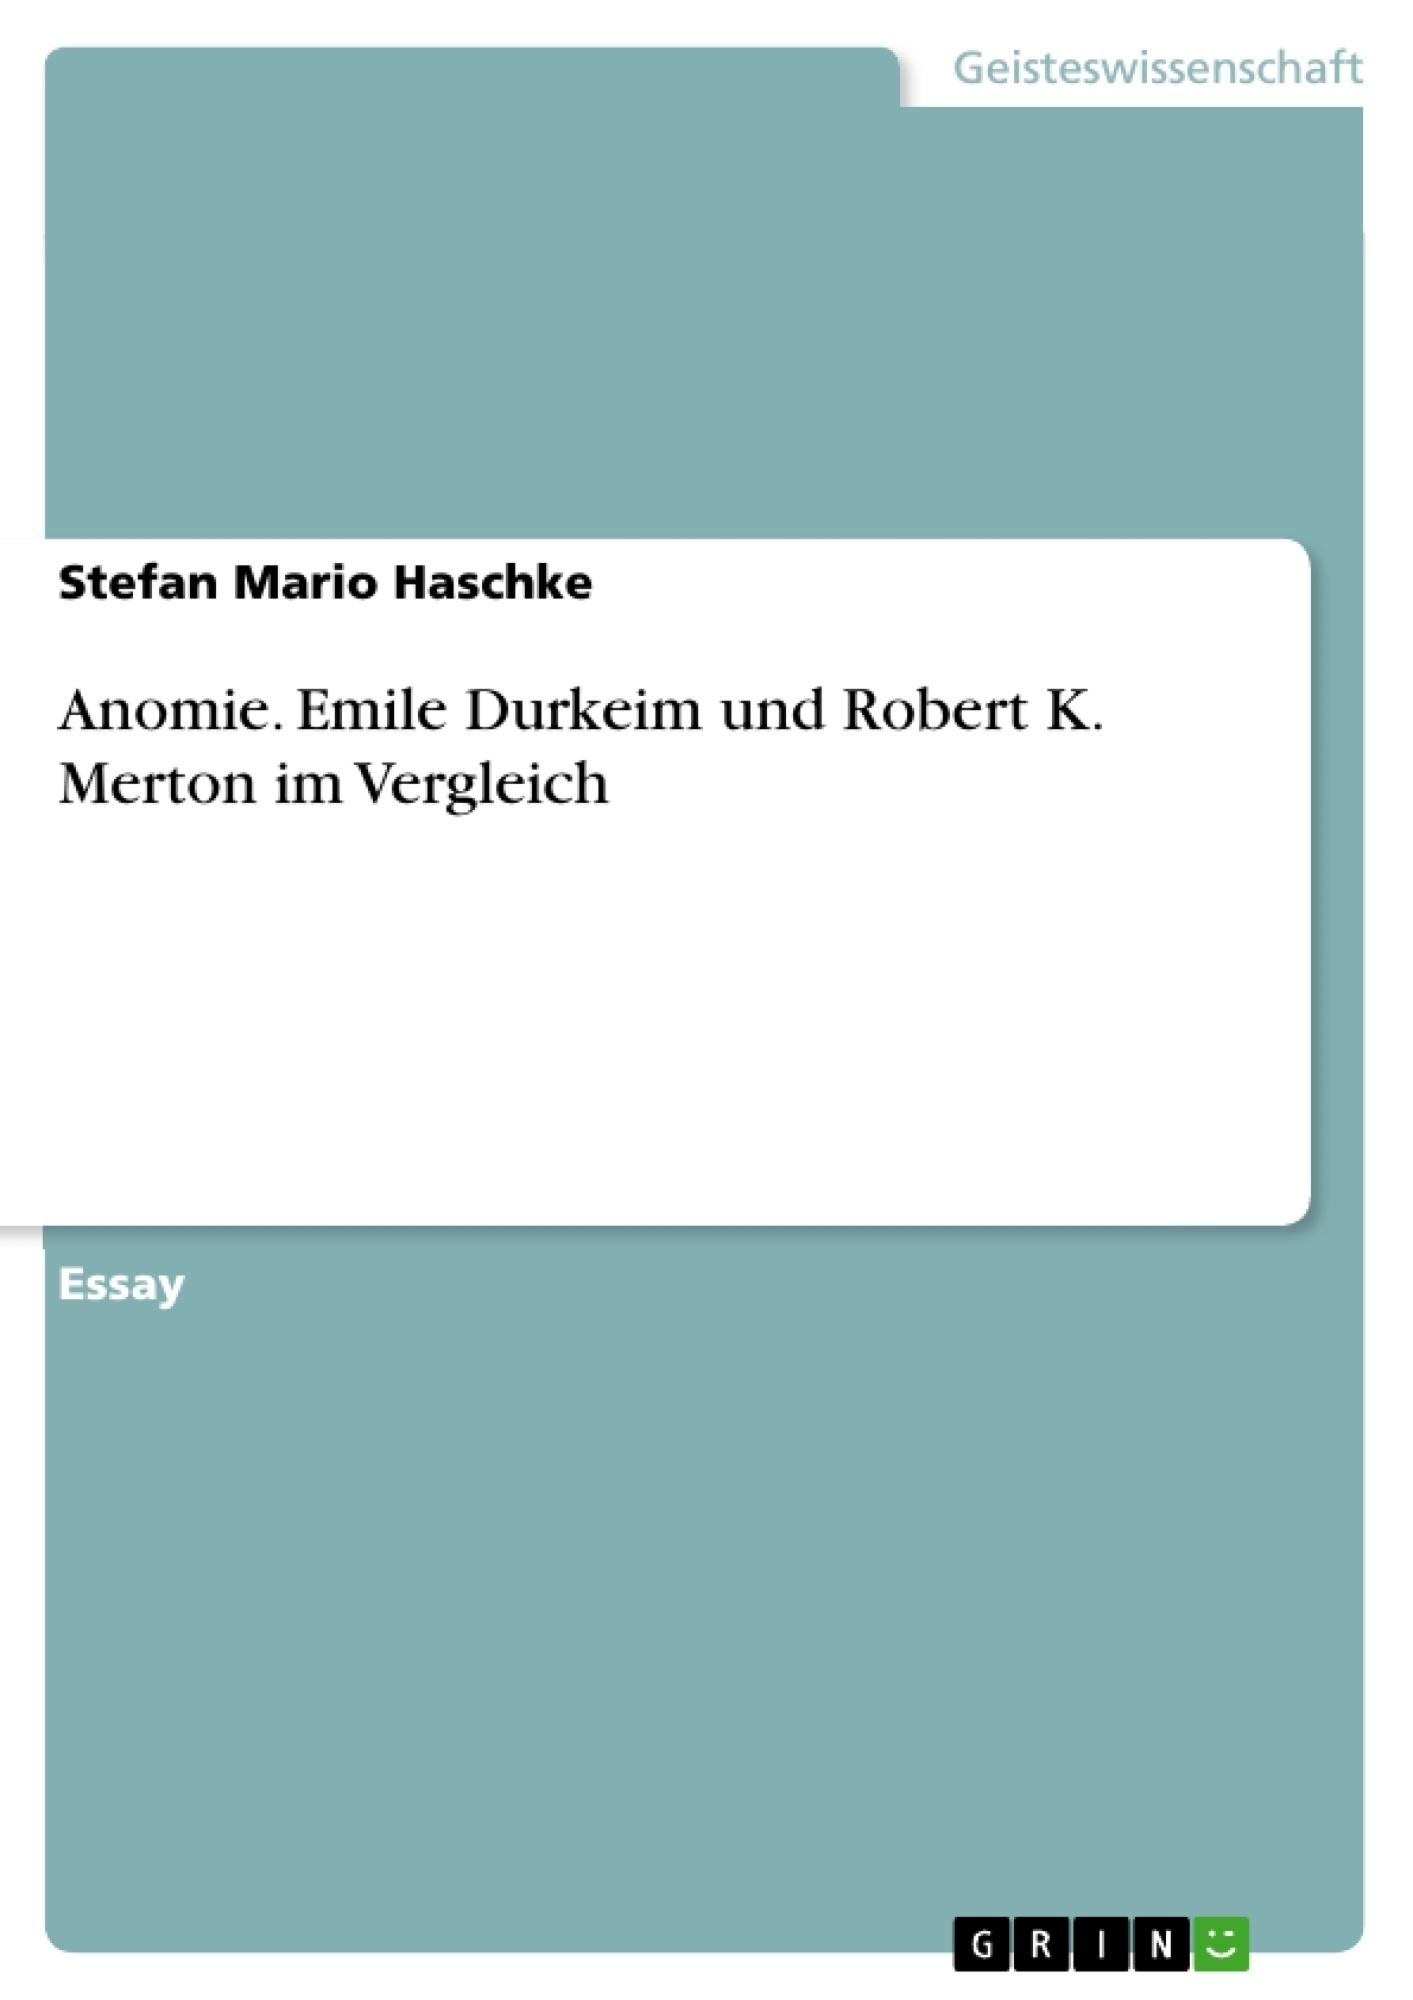 Titel: Anomie. Emile Durkeim und Robert K. Merton im Vergleich